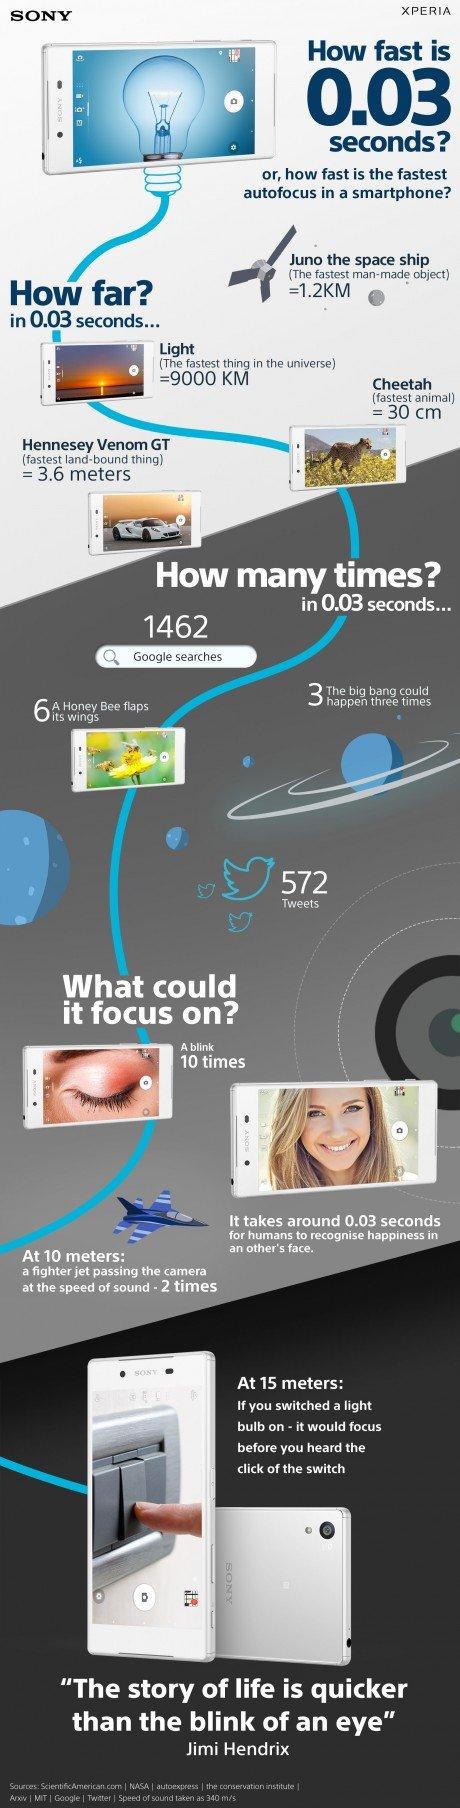 fast_autofocus_infographic